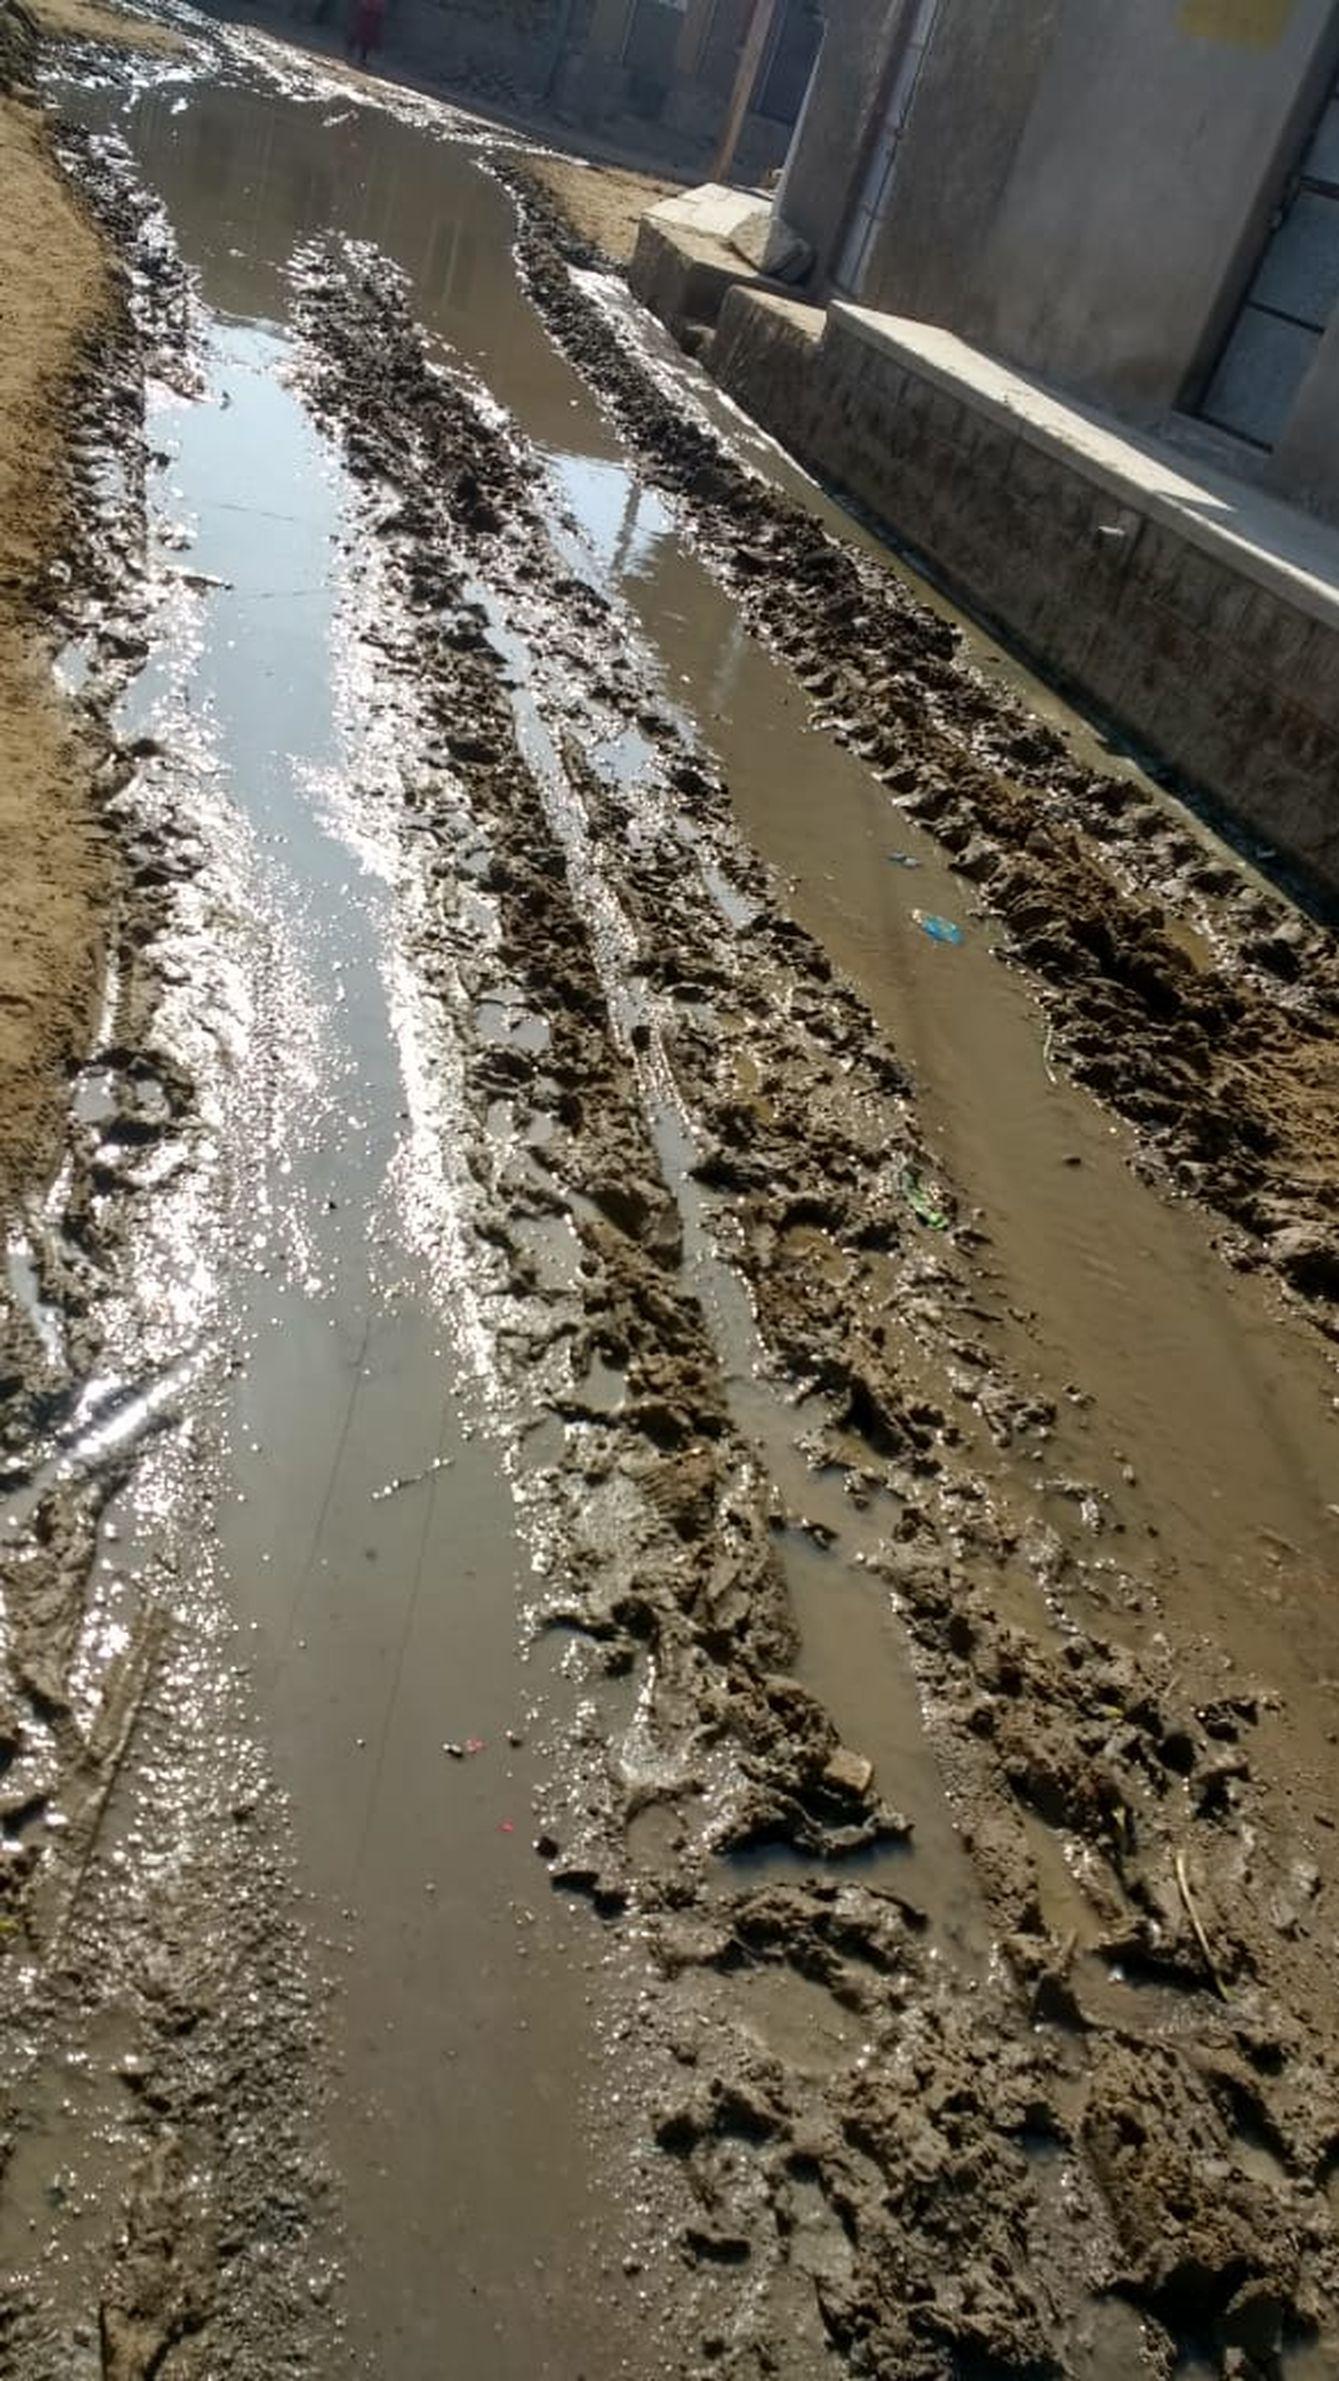 नई पेयजल लाइन अधूरी, पुरानी जर्जर, व्यर्थ बह रहा पानी, ग्रामीण परेशान